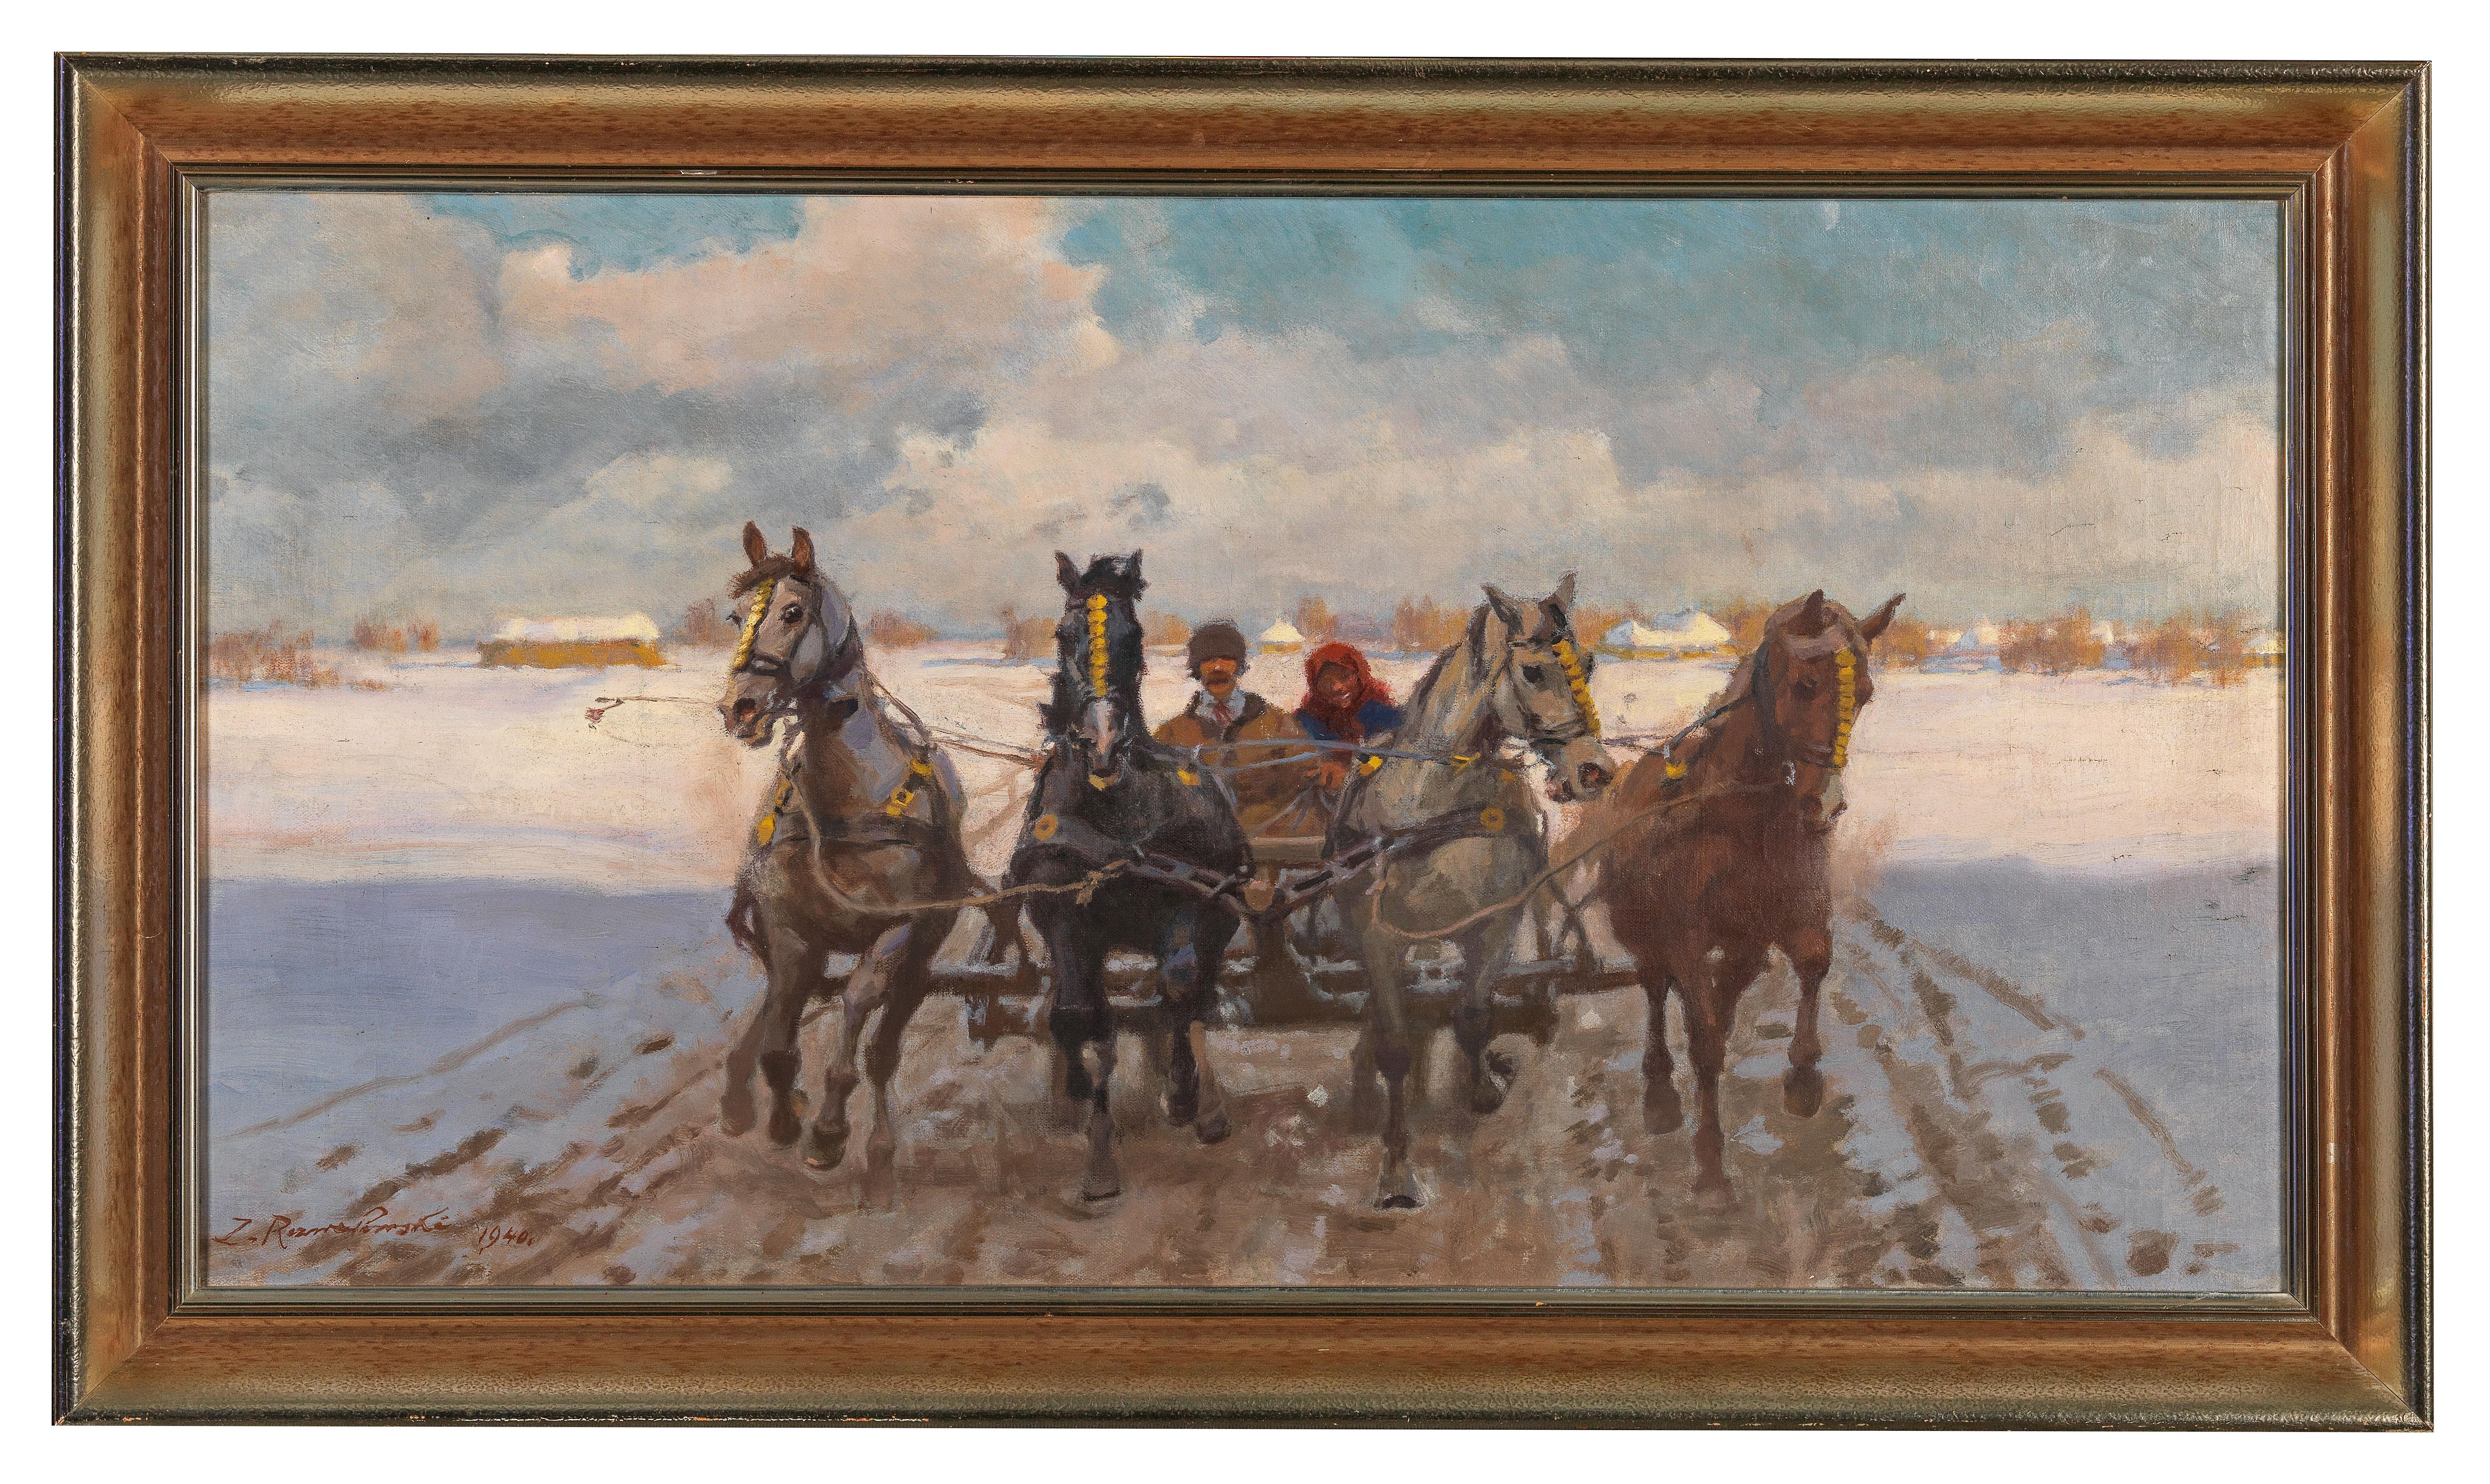 """Zygmunt Rozwadowski (1870-1950) """"Czwórka"""", źródło: Dorotheum"""